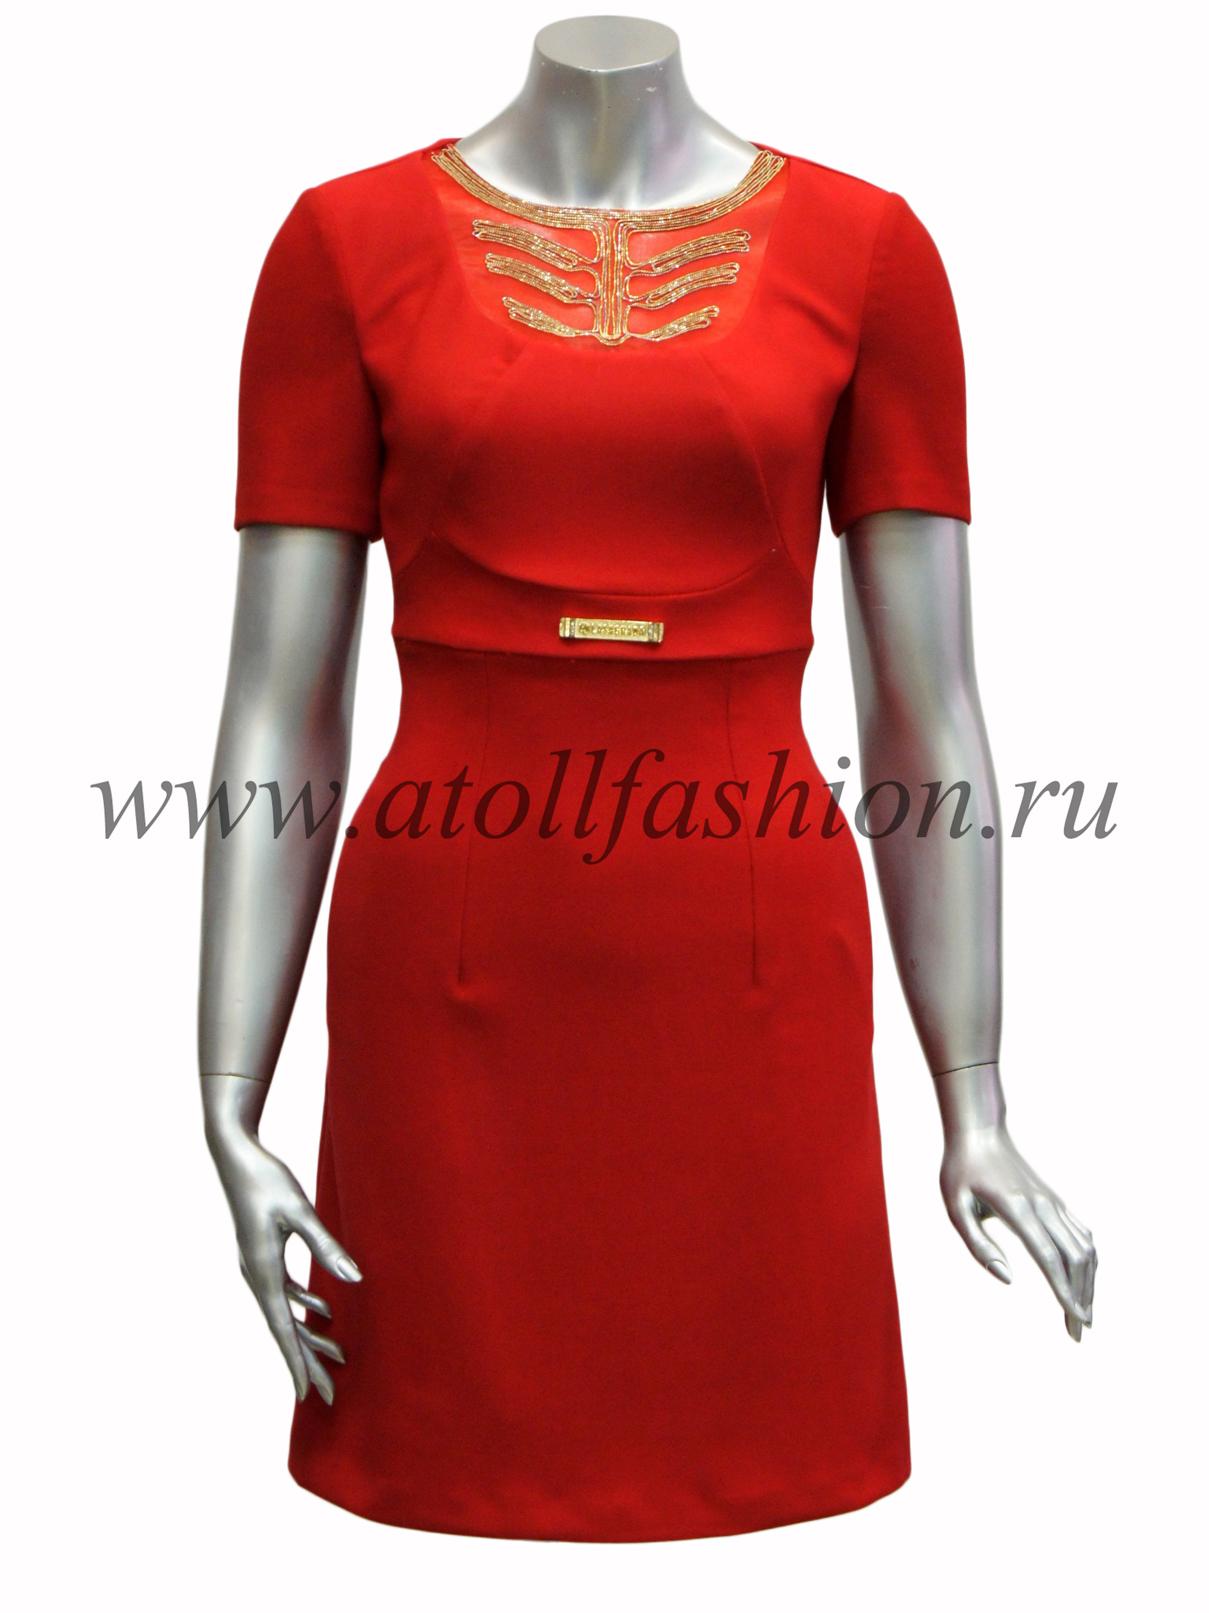 Одежда Ласаграда Интернет Магазин